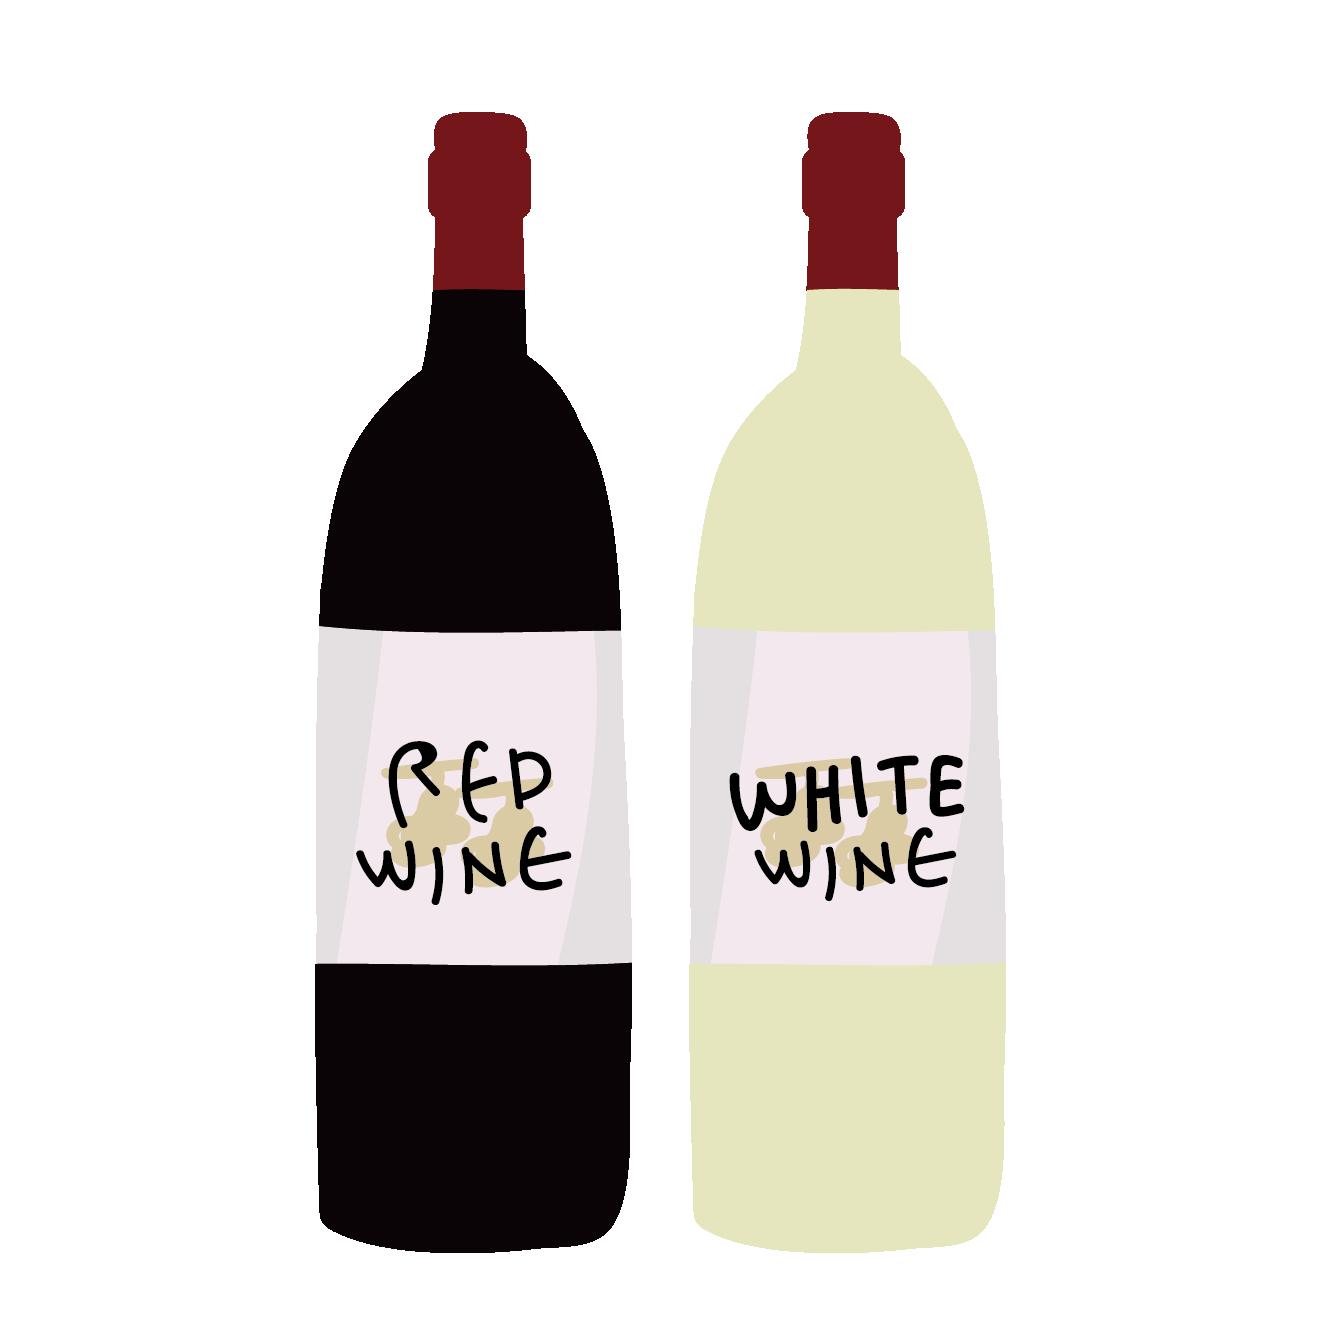 赤ワインと白ワインのイラスト 商用フリー無料のイラスト素材なら